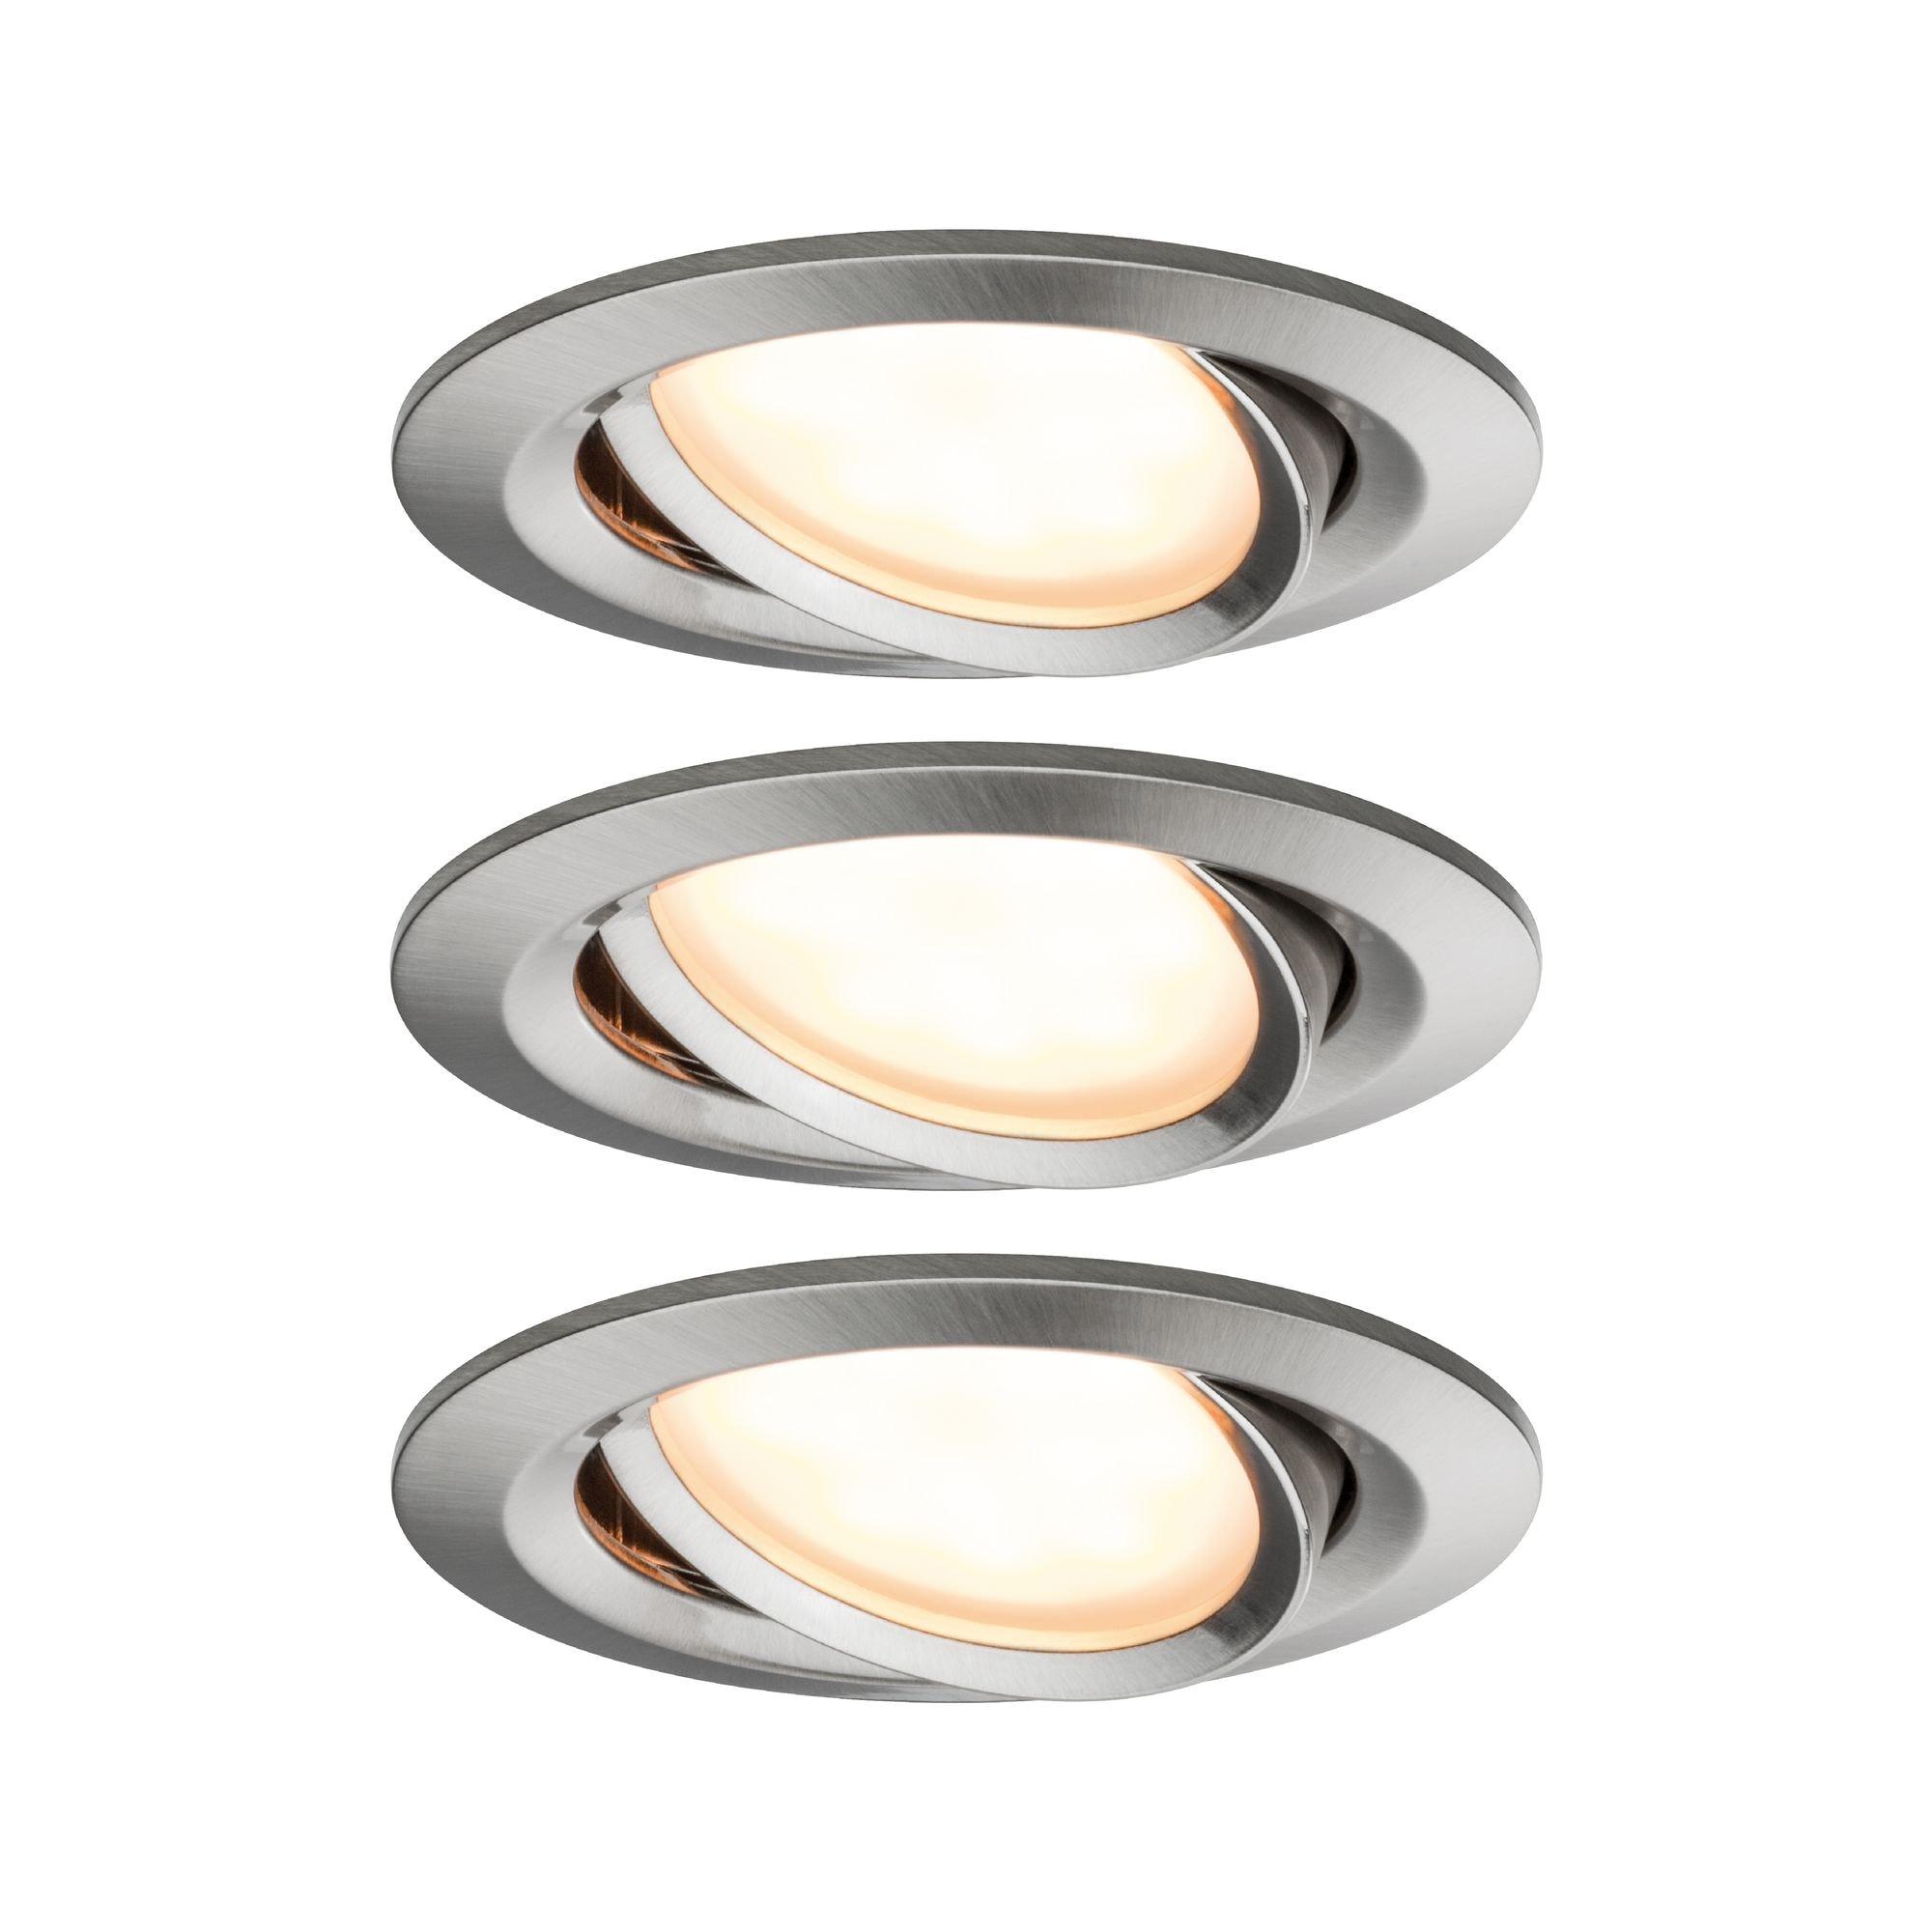 Paulmann,LED Einbaustrahler SmartHome Coin 6W Eisen 3er-Set WarmDim schwenkbar Steuerung per App via Bluetooth